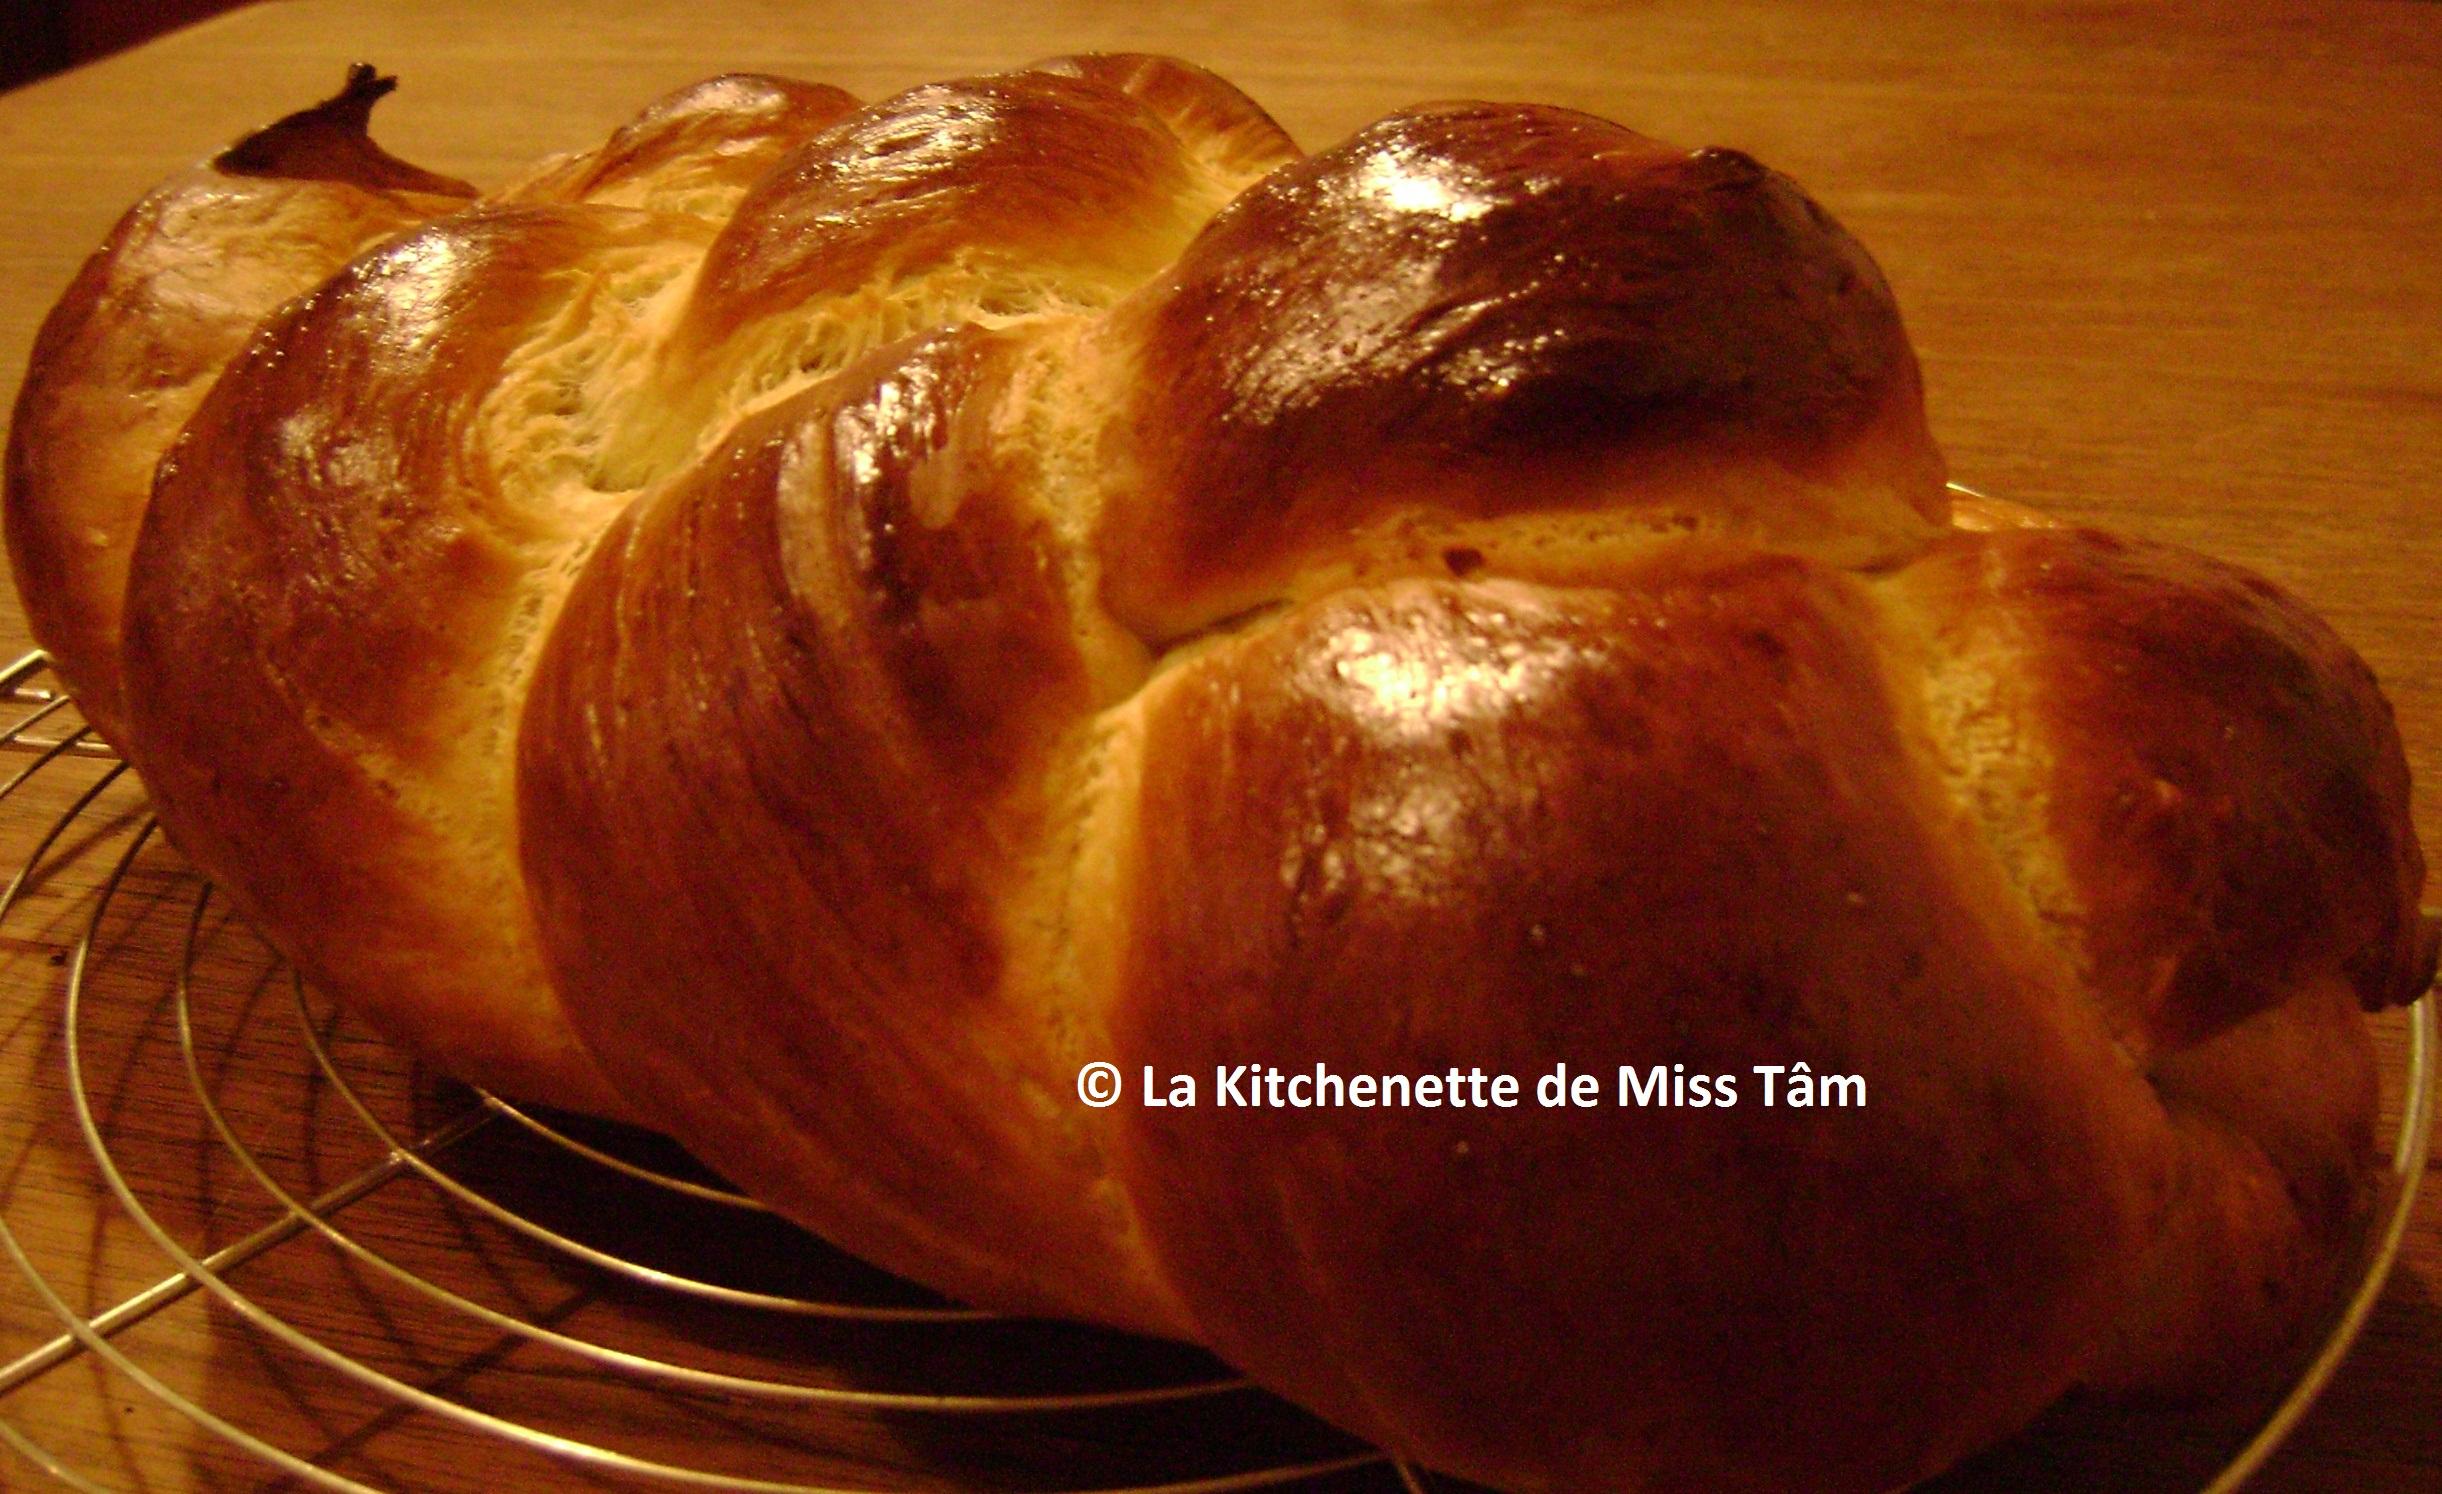 La Kitchenette de Miss Tâm Tresse au beurre